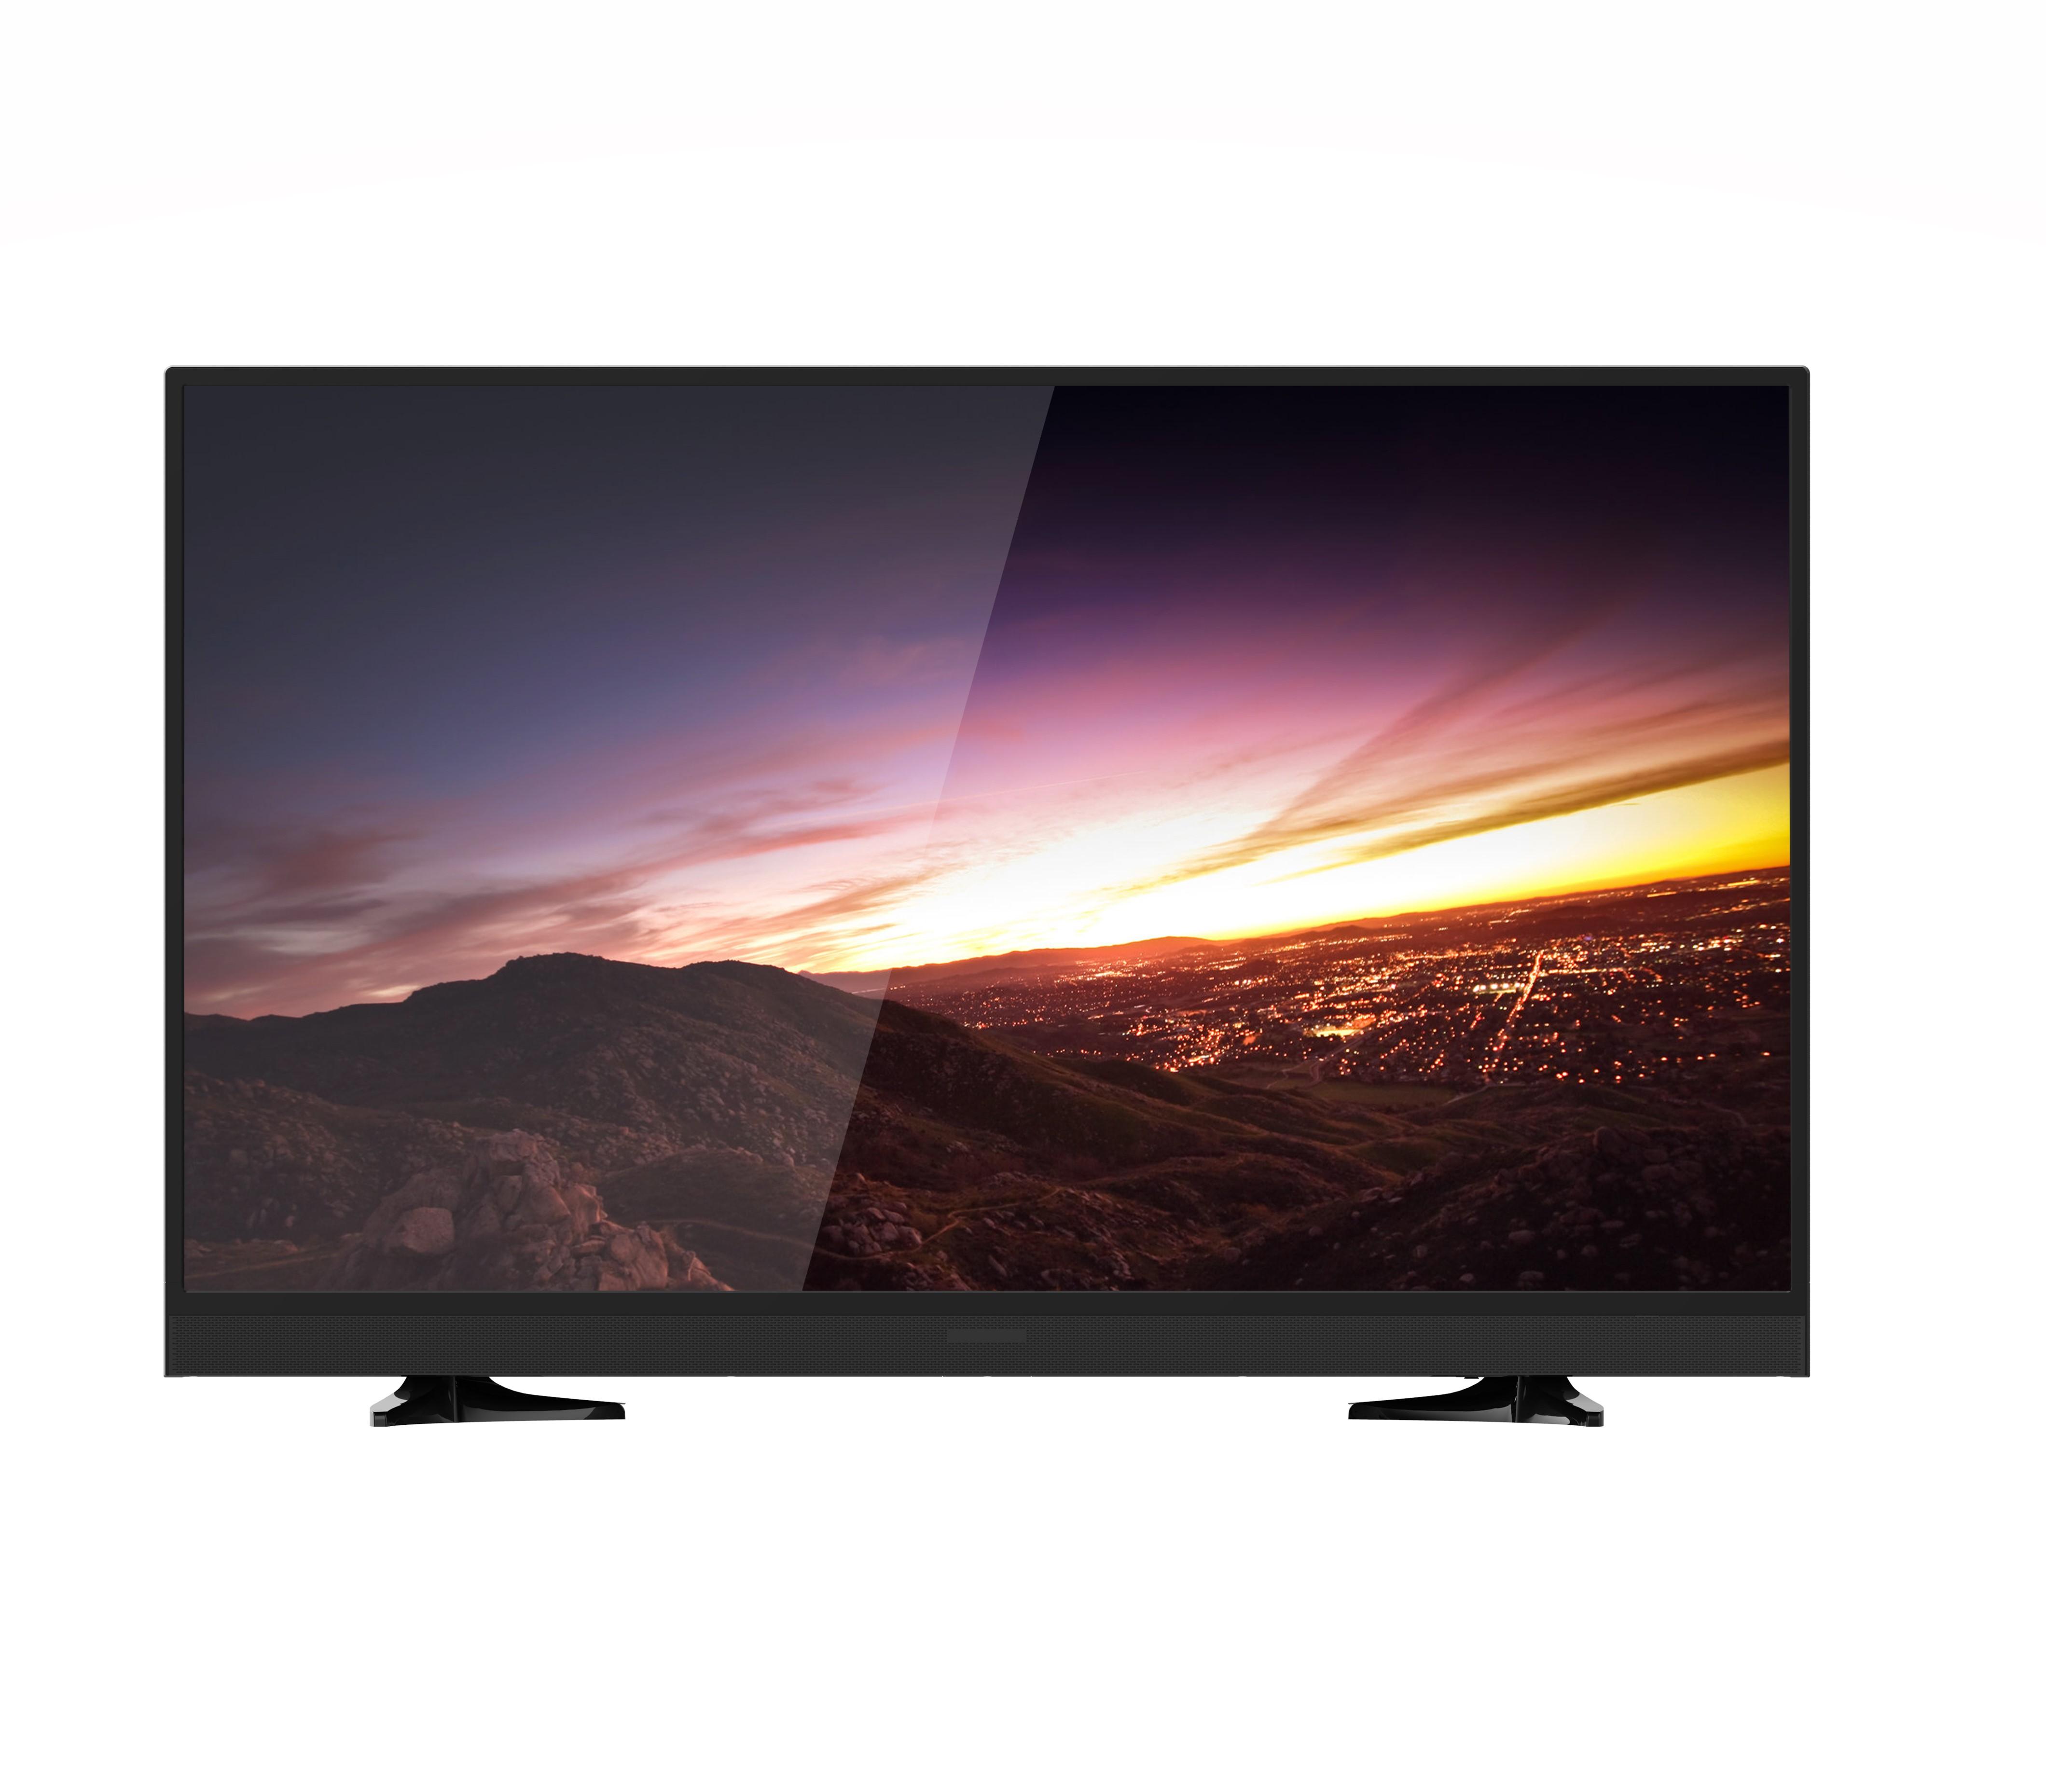 外付けHDD録画対応 デジタルハイビジョン液晶テレビ(24V型) LCH2411V画像